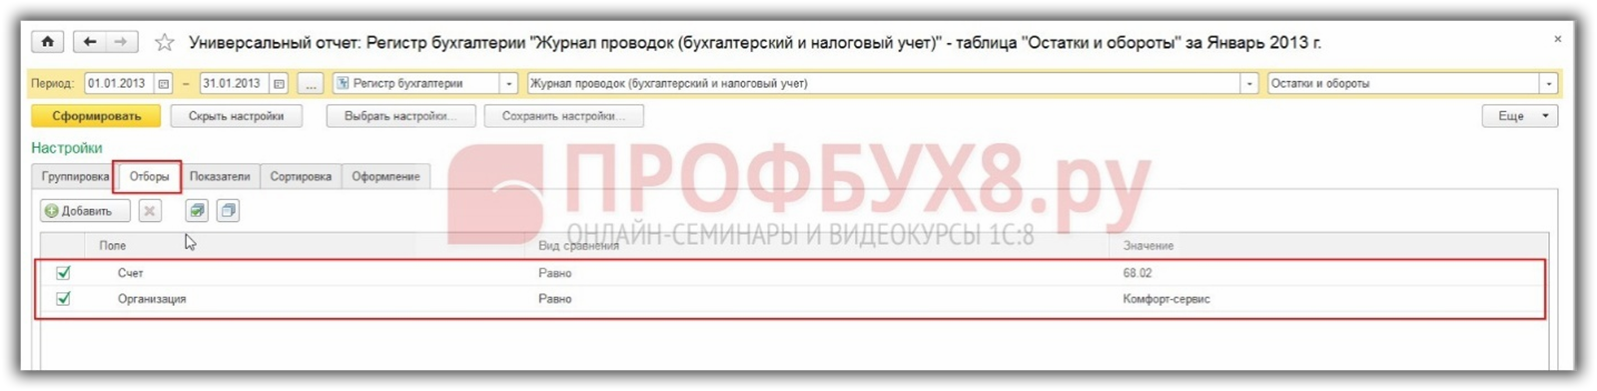 настройка Универсального отчета по регистрам бухгалтерии на закладке Отборы